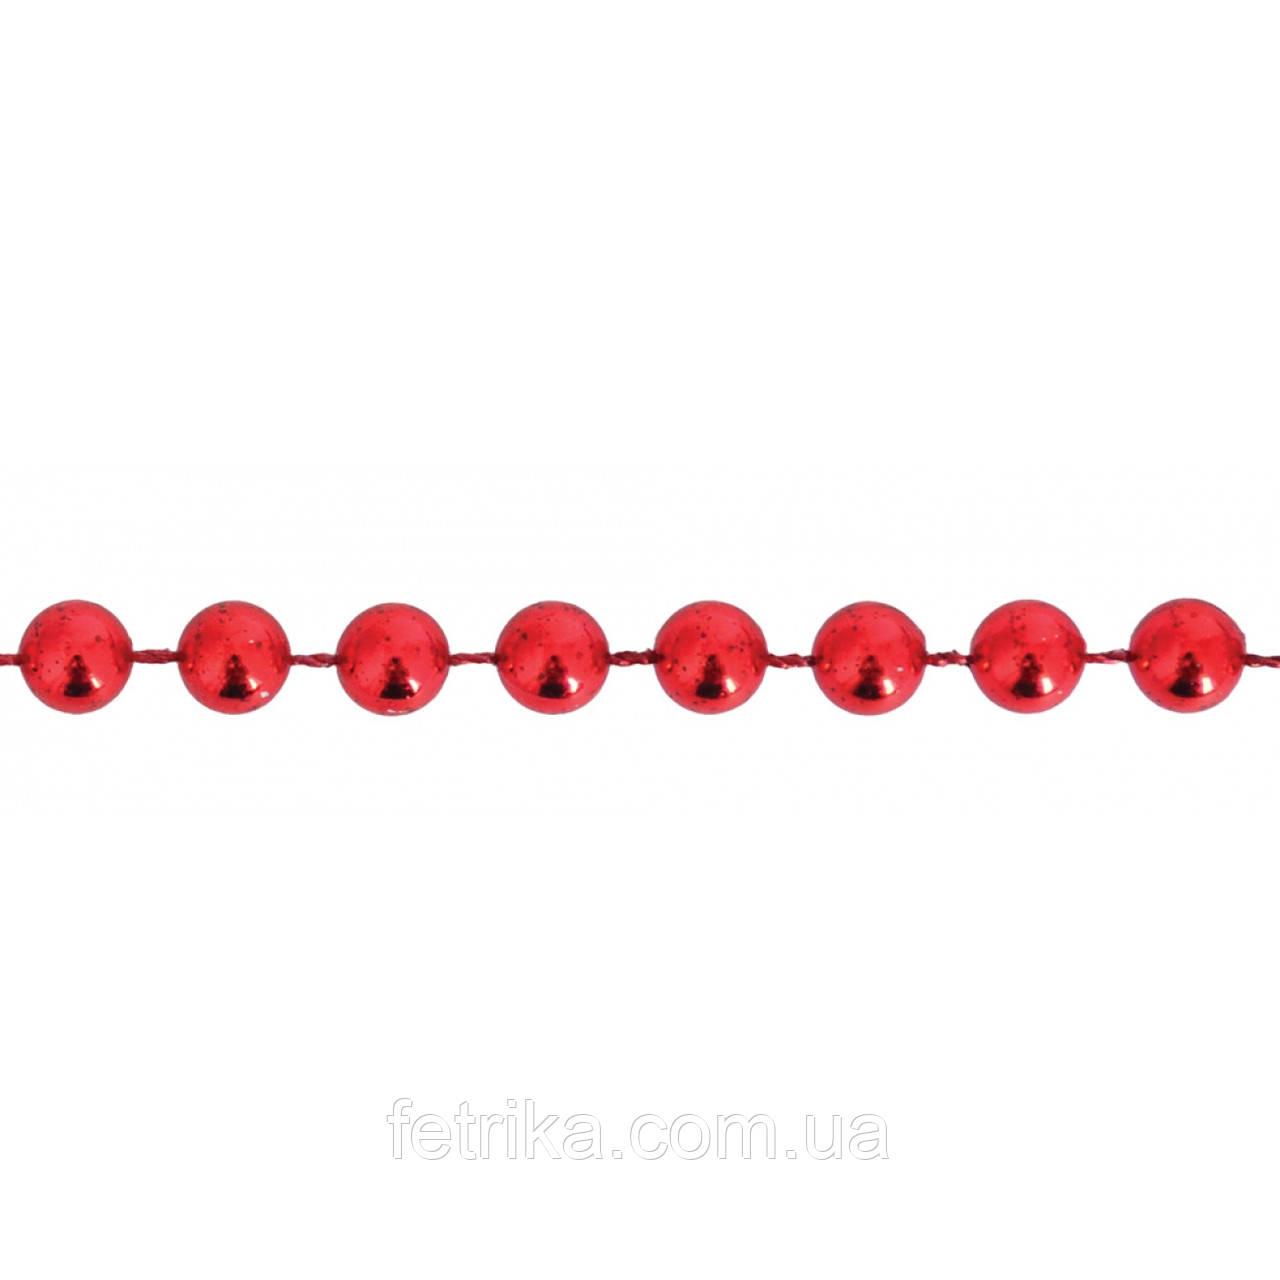 Новогодняя гирлянда, бусы новогодние 4 мм*3 м, красные